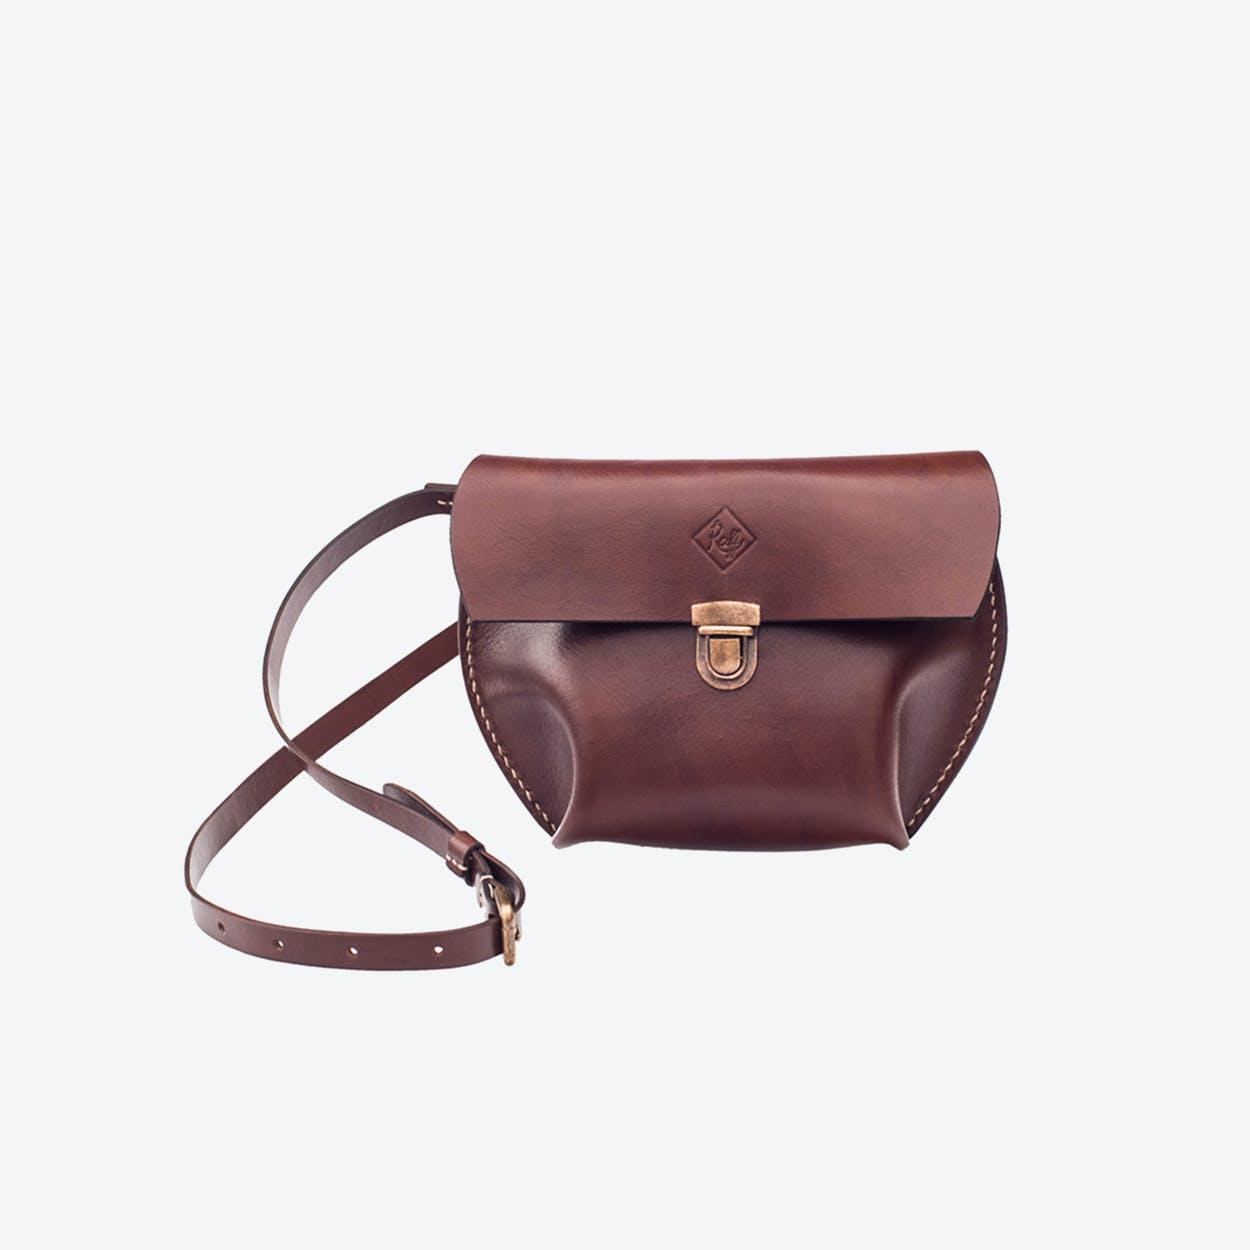 Vega Crossbody Bag in Brown